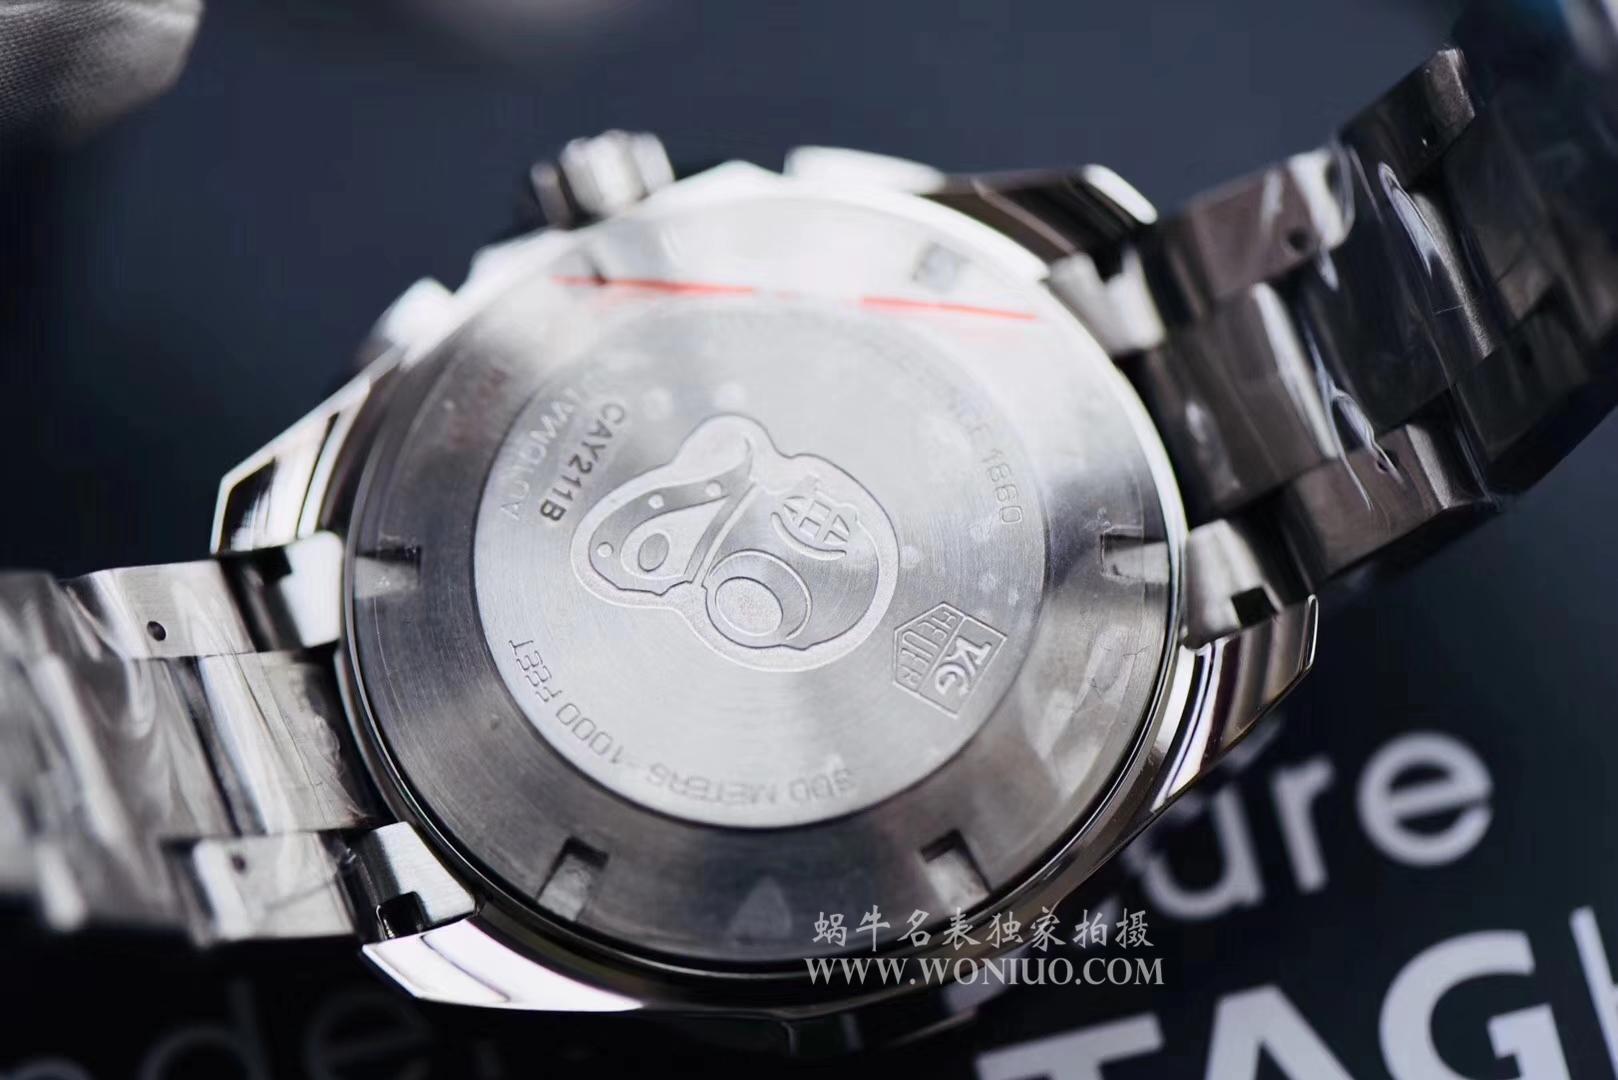 原单正品泰格豪雅竞潜系列原单计时机械表 / TG034